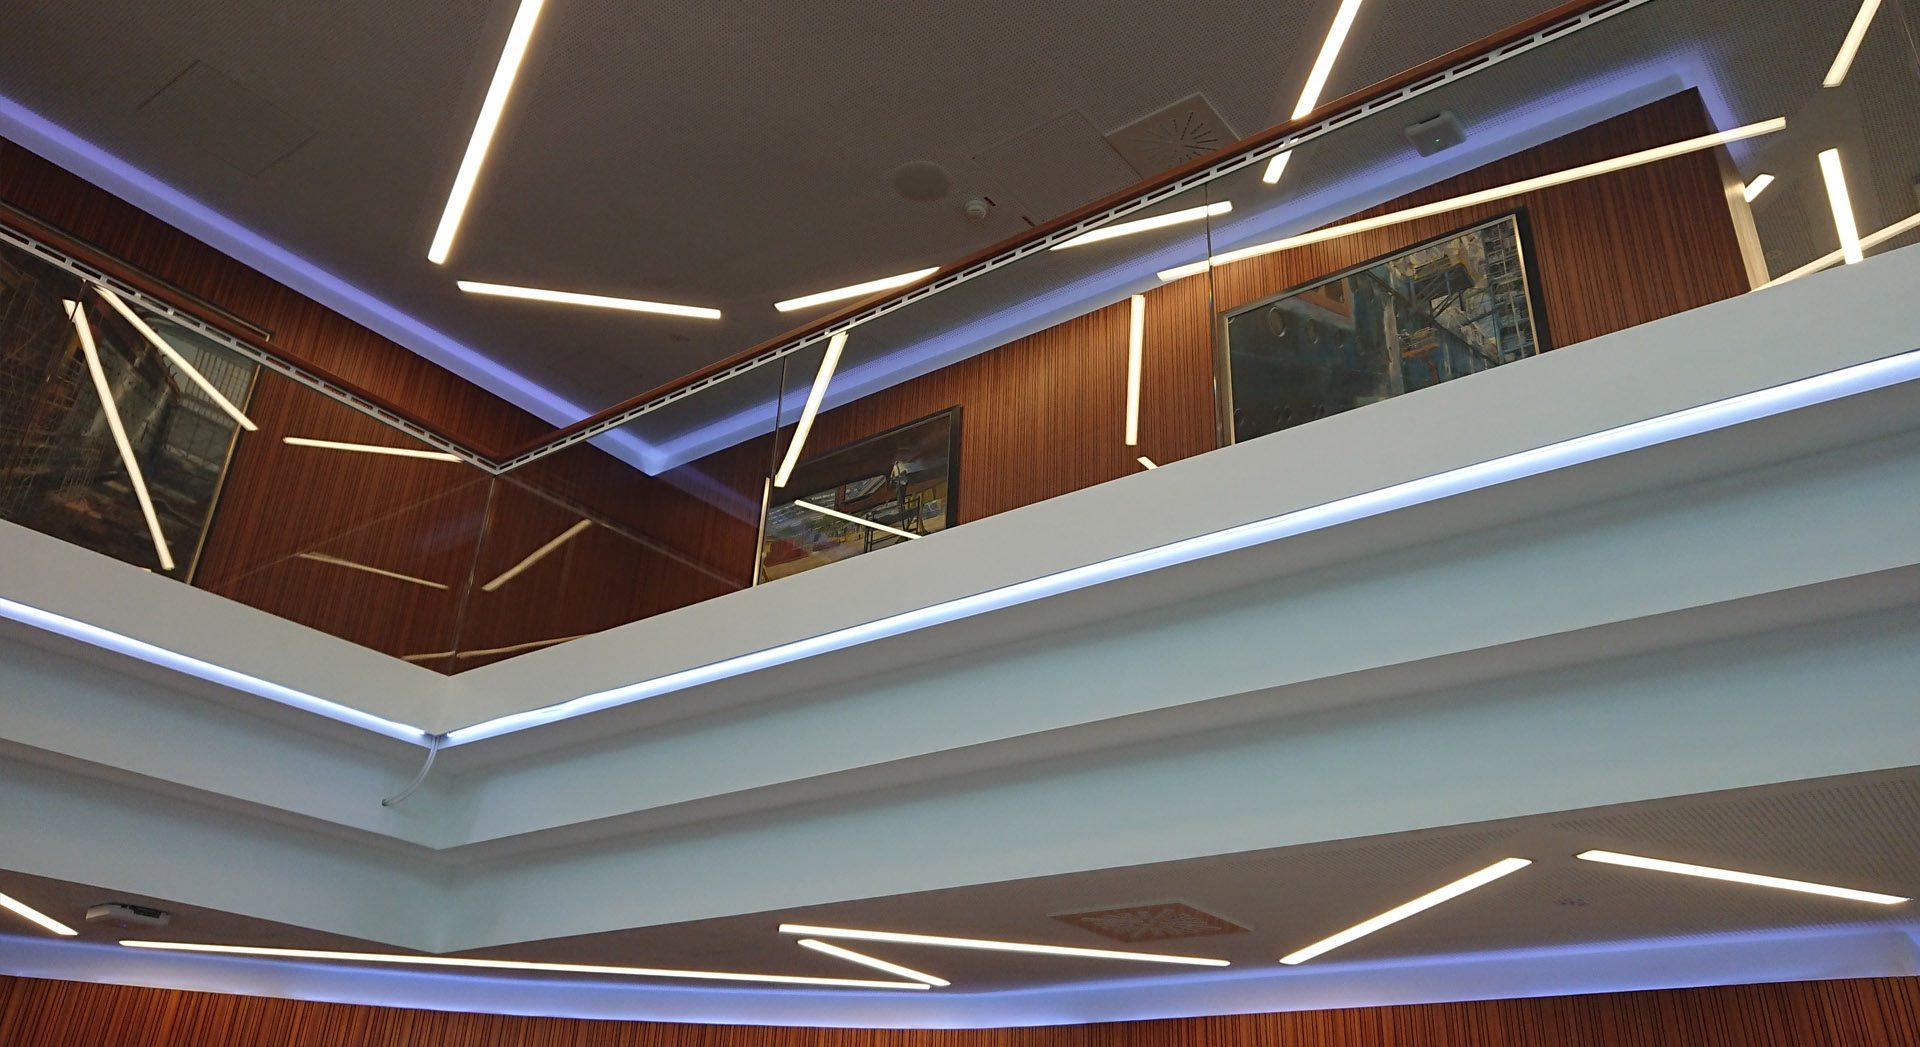 Gewerbearchitektur; Architektur; Innenarchitektur; Veranstaltung; Lichtkonzept; Tagung; Meyer Werft; Empfang; Lobby; Entreé; Theke; Tresen; Lobby; Rezeption;